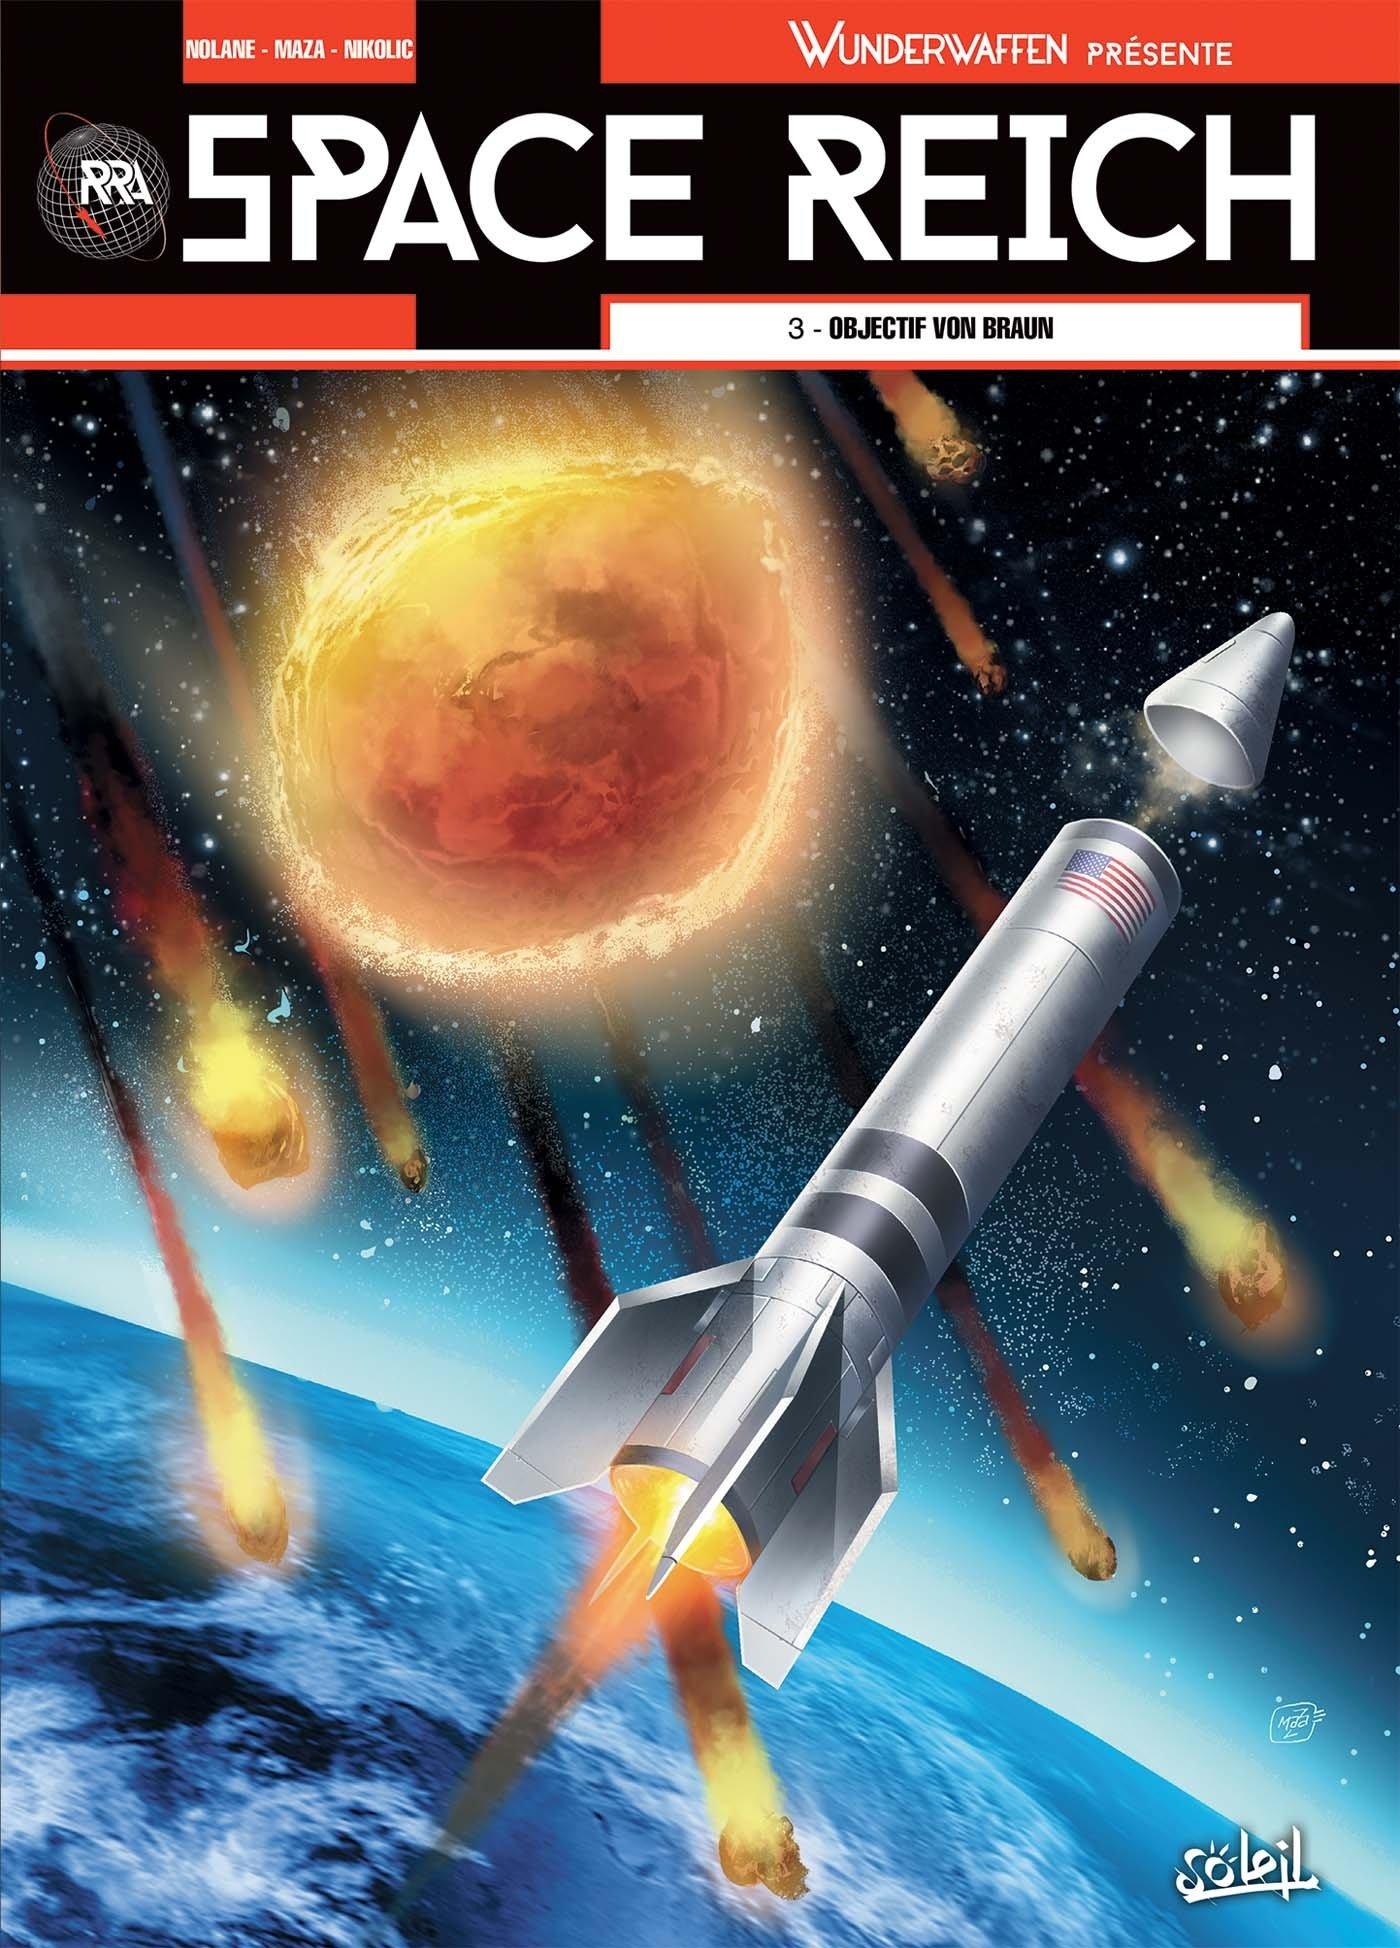 Wunderwaffen présente Space Reich 3 - Objectif Von Braun